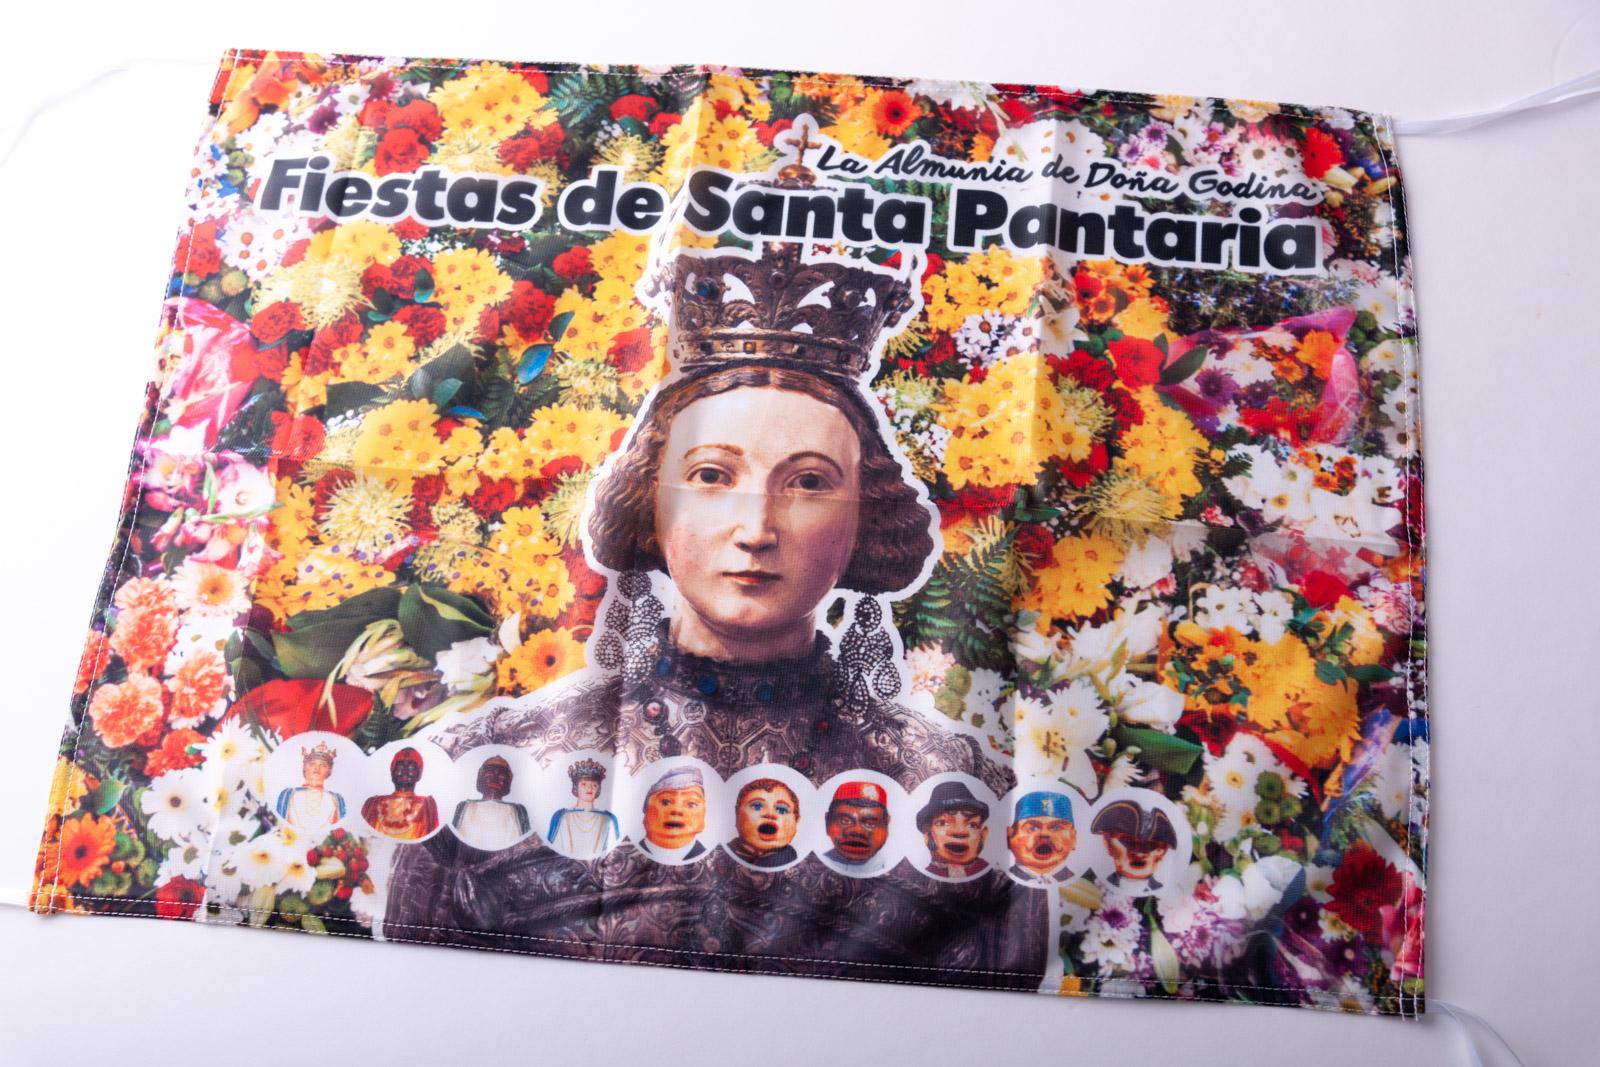 Bandera Santa Pantaria - Imagina Arte Gráfico